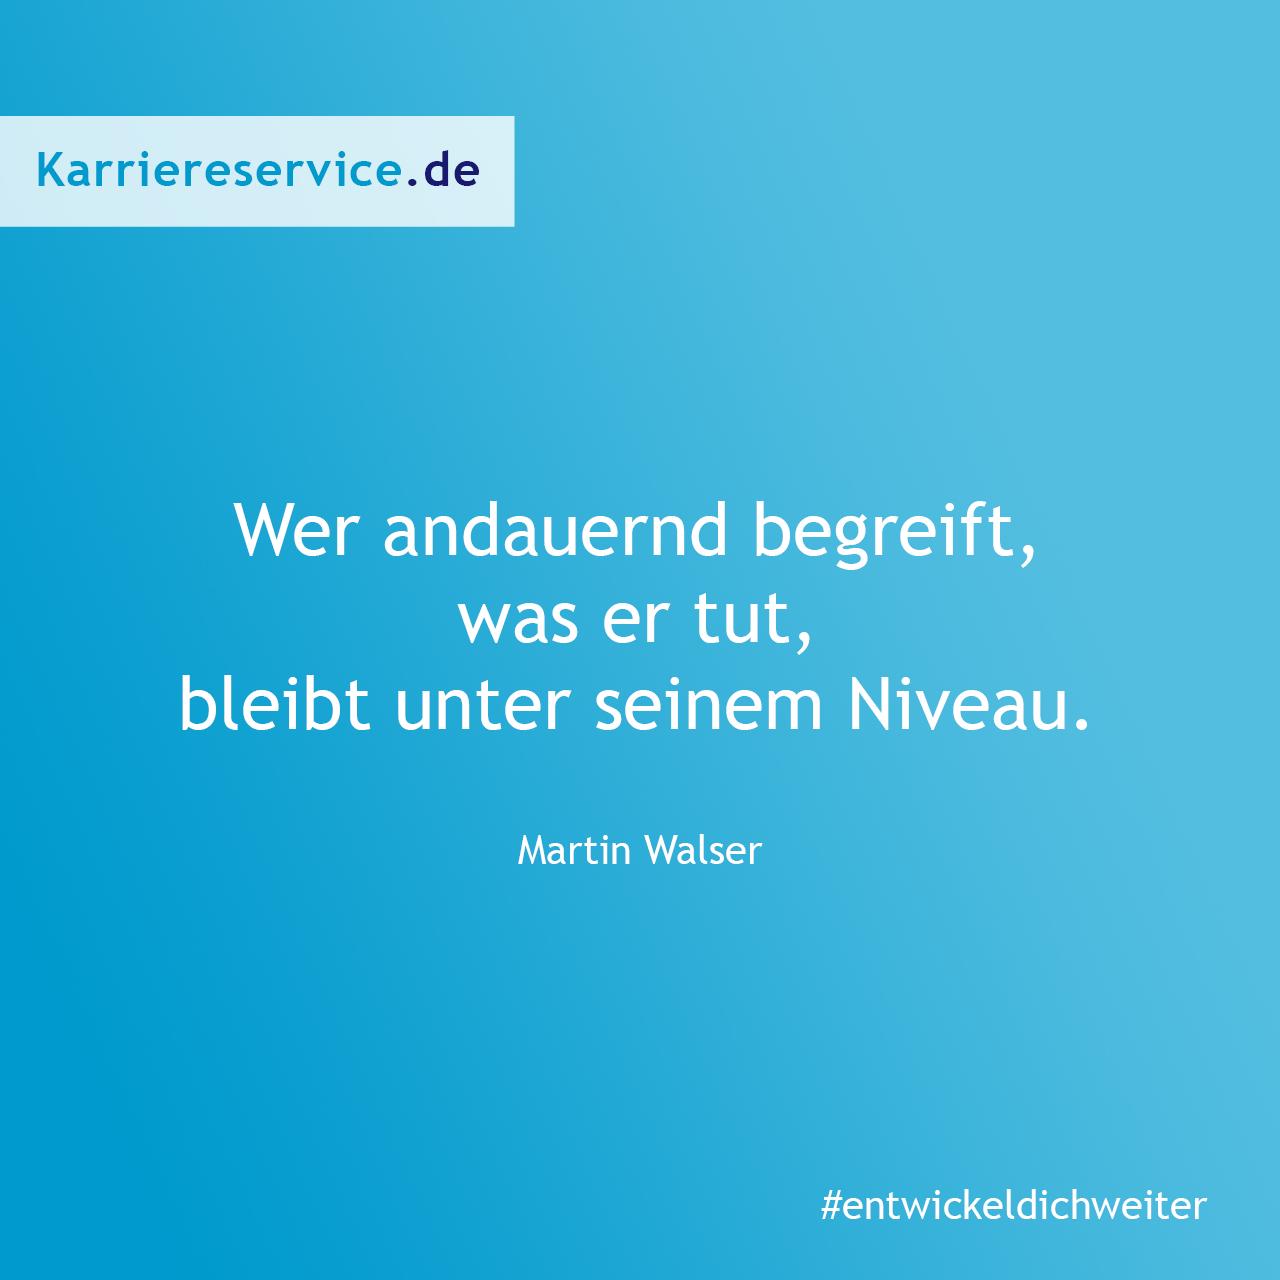 Zitat über neue Herausforderungen. Karriereservice.de